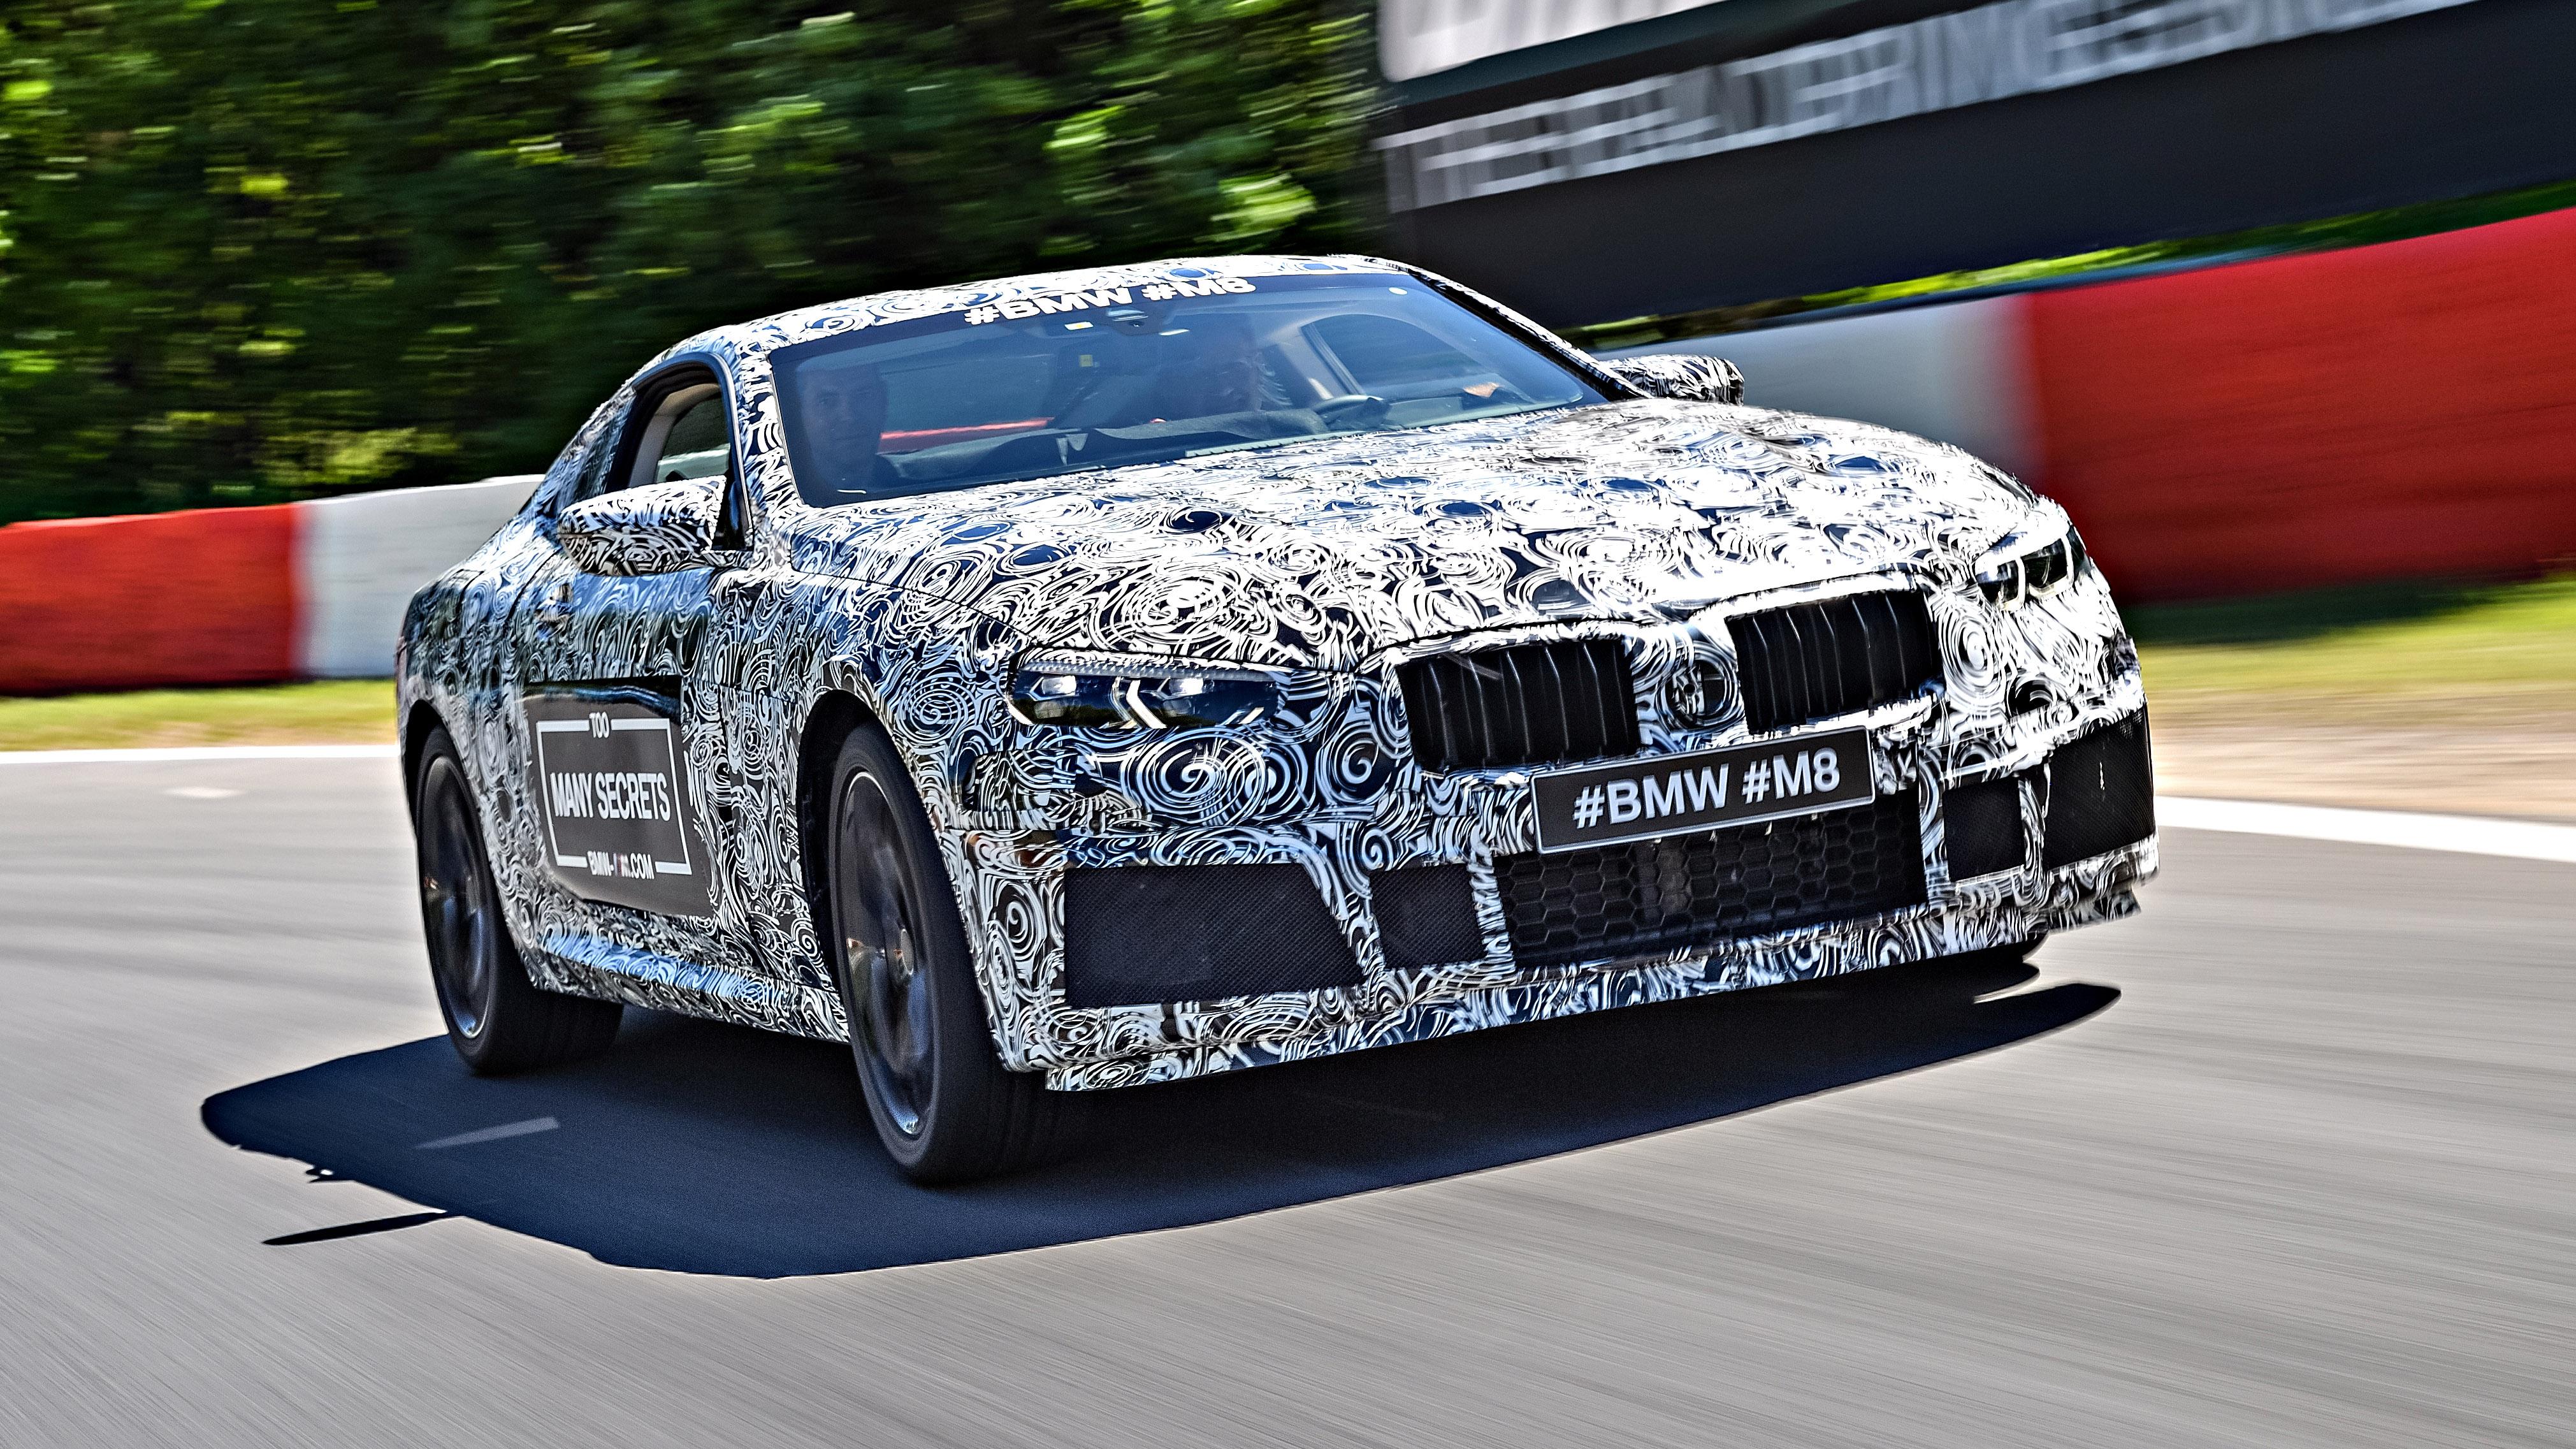 BMW M8 M Festival front